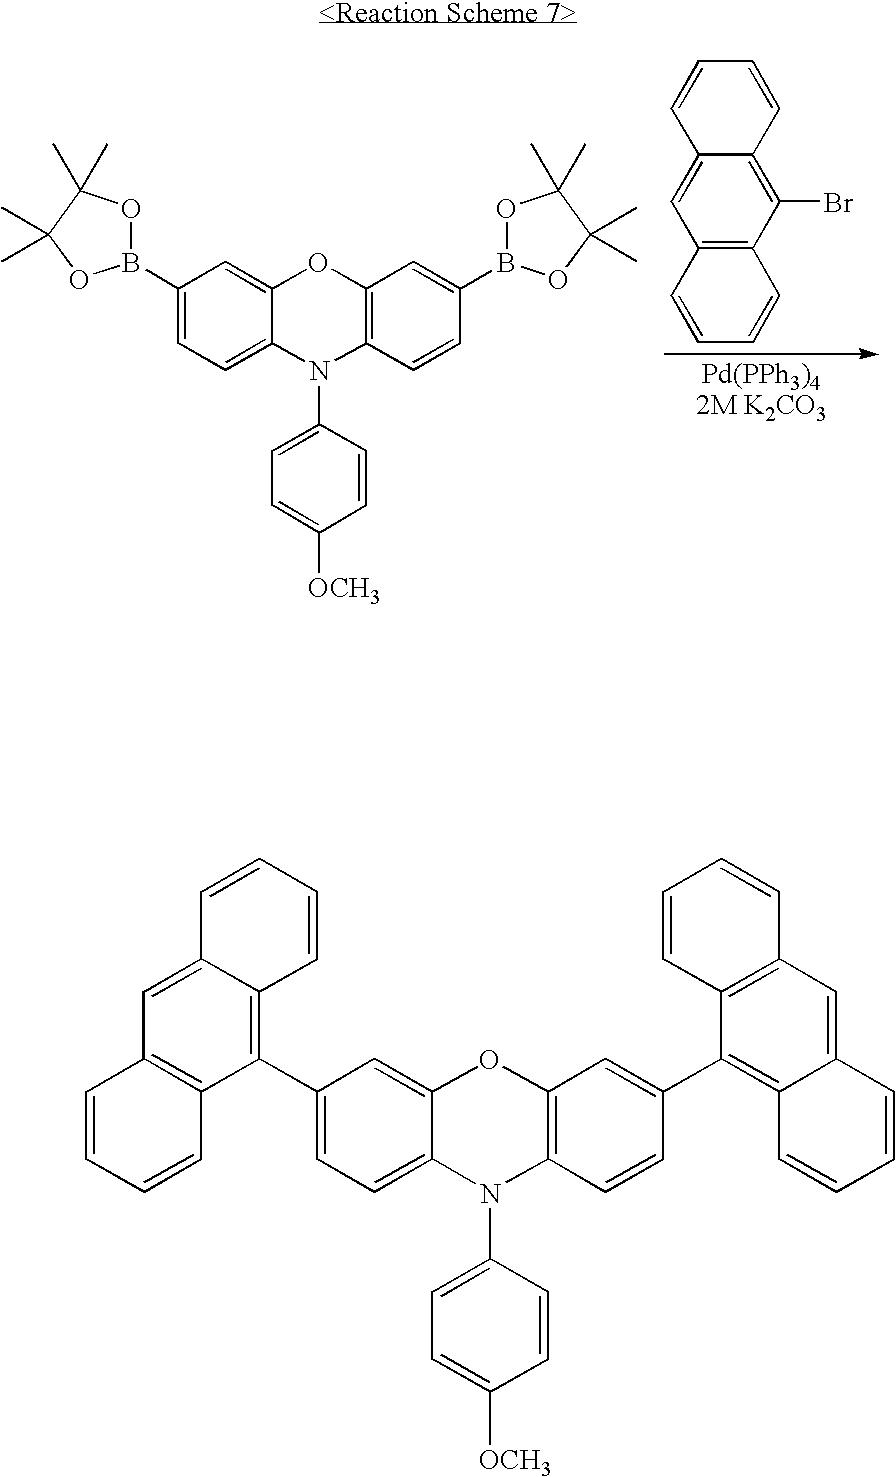 Figure US20080122346A1-20080529-C00026